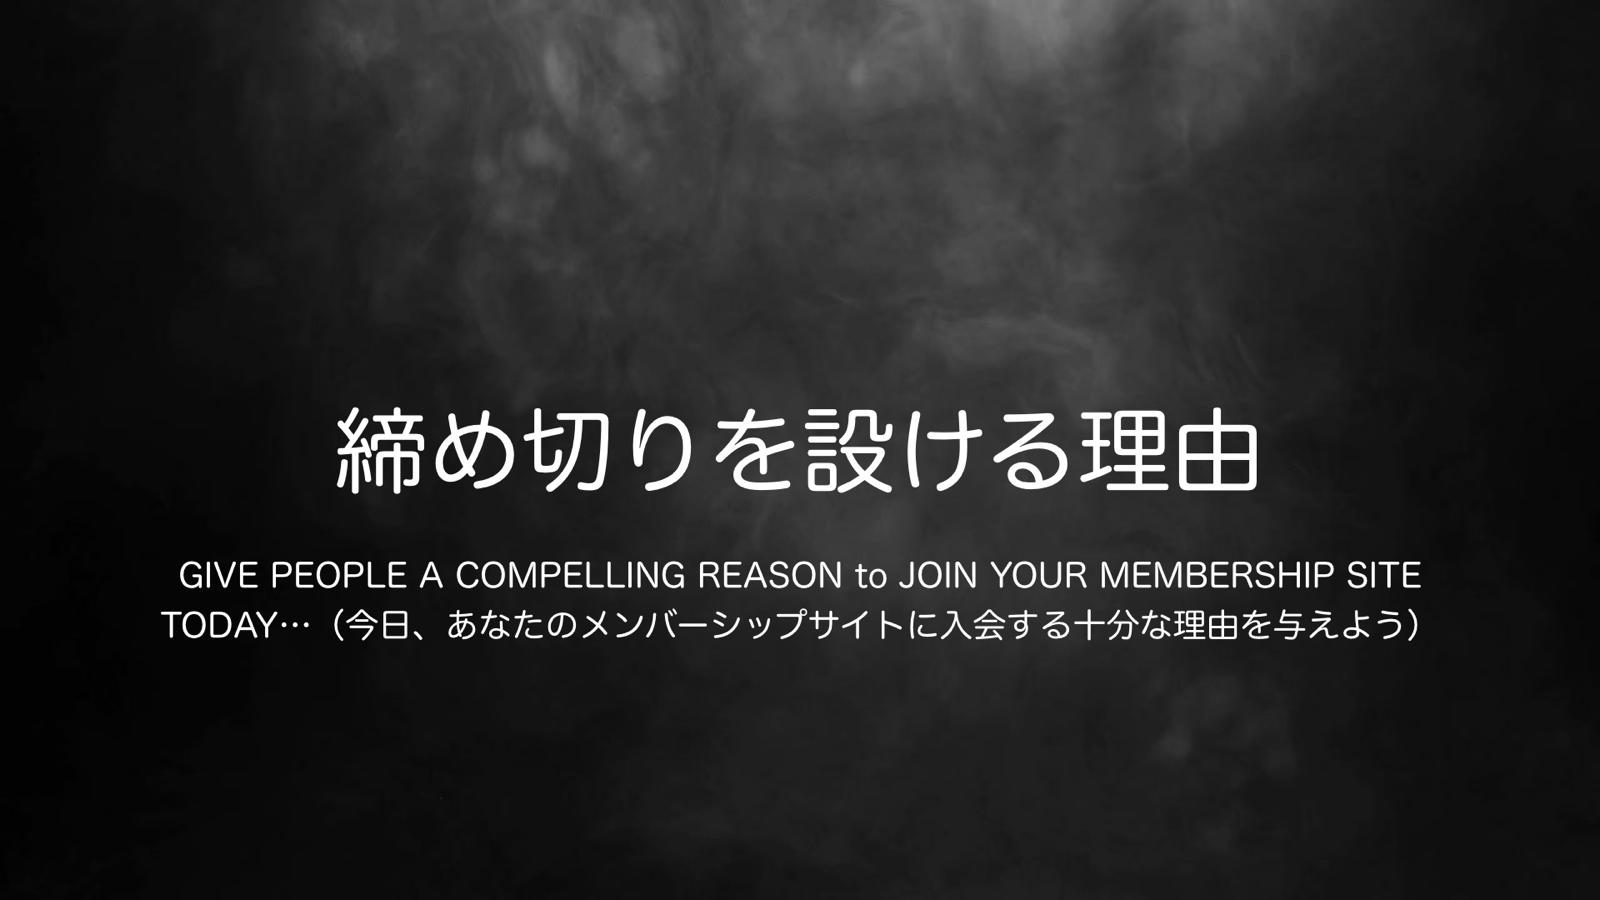 高額商品を売る6つのセールスファネル 25万円以上 002